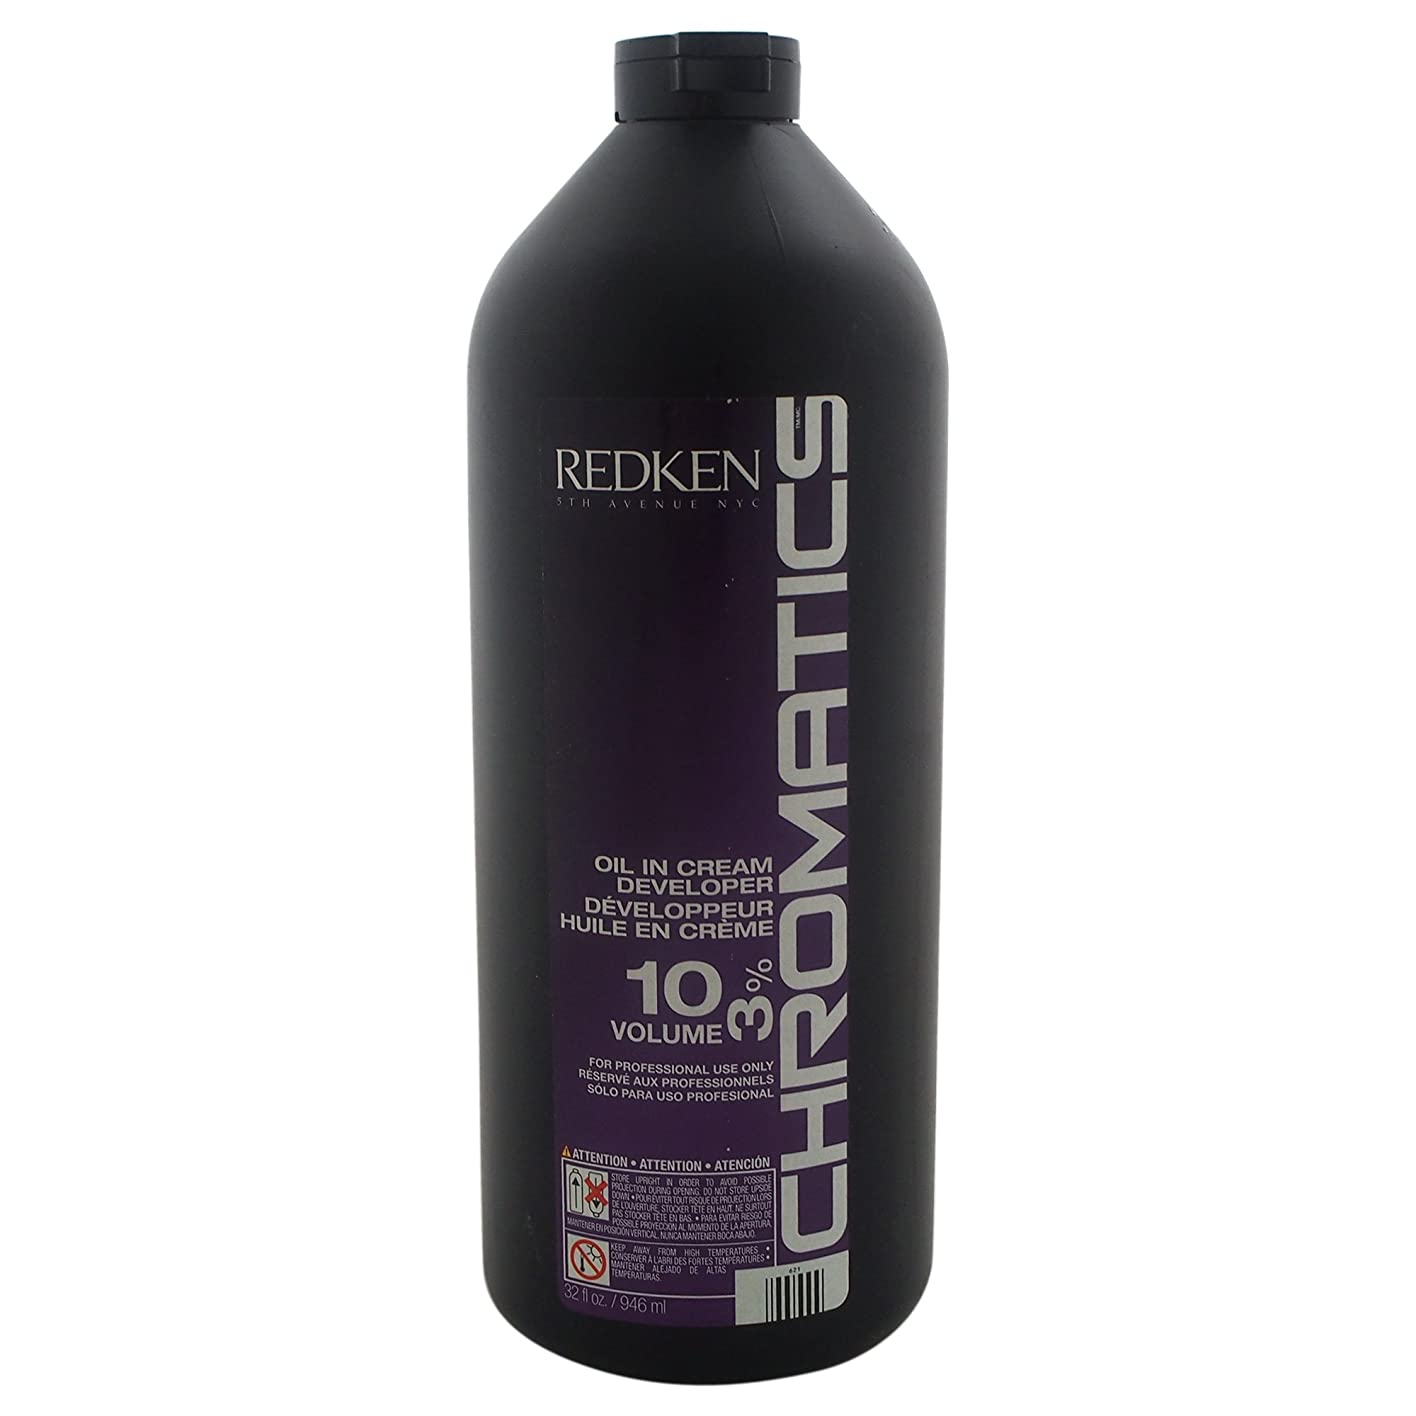 周波数極小危機REDKEN レッドケン色彩油中のクリームデベロッパー10巻3パーセントクリーム、32オンス